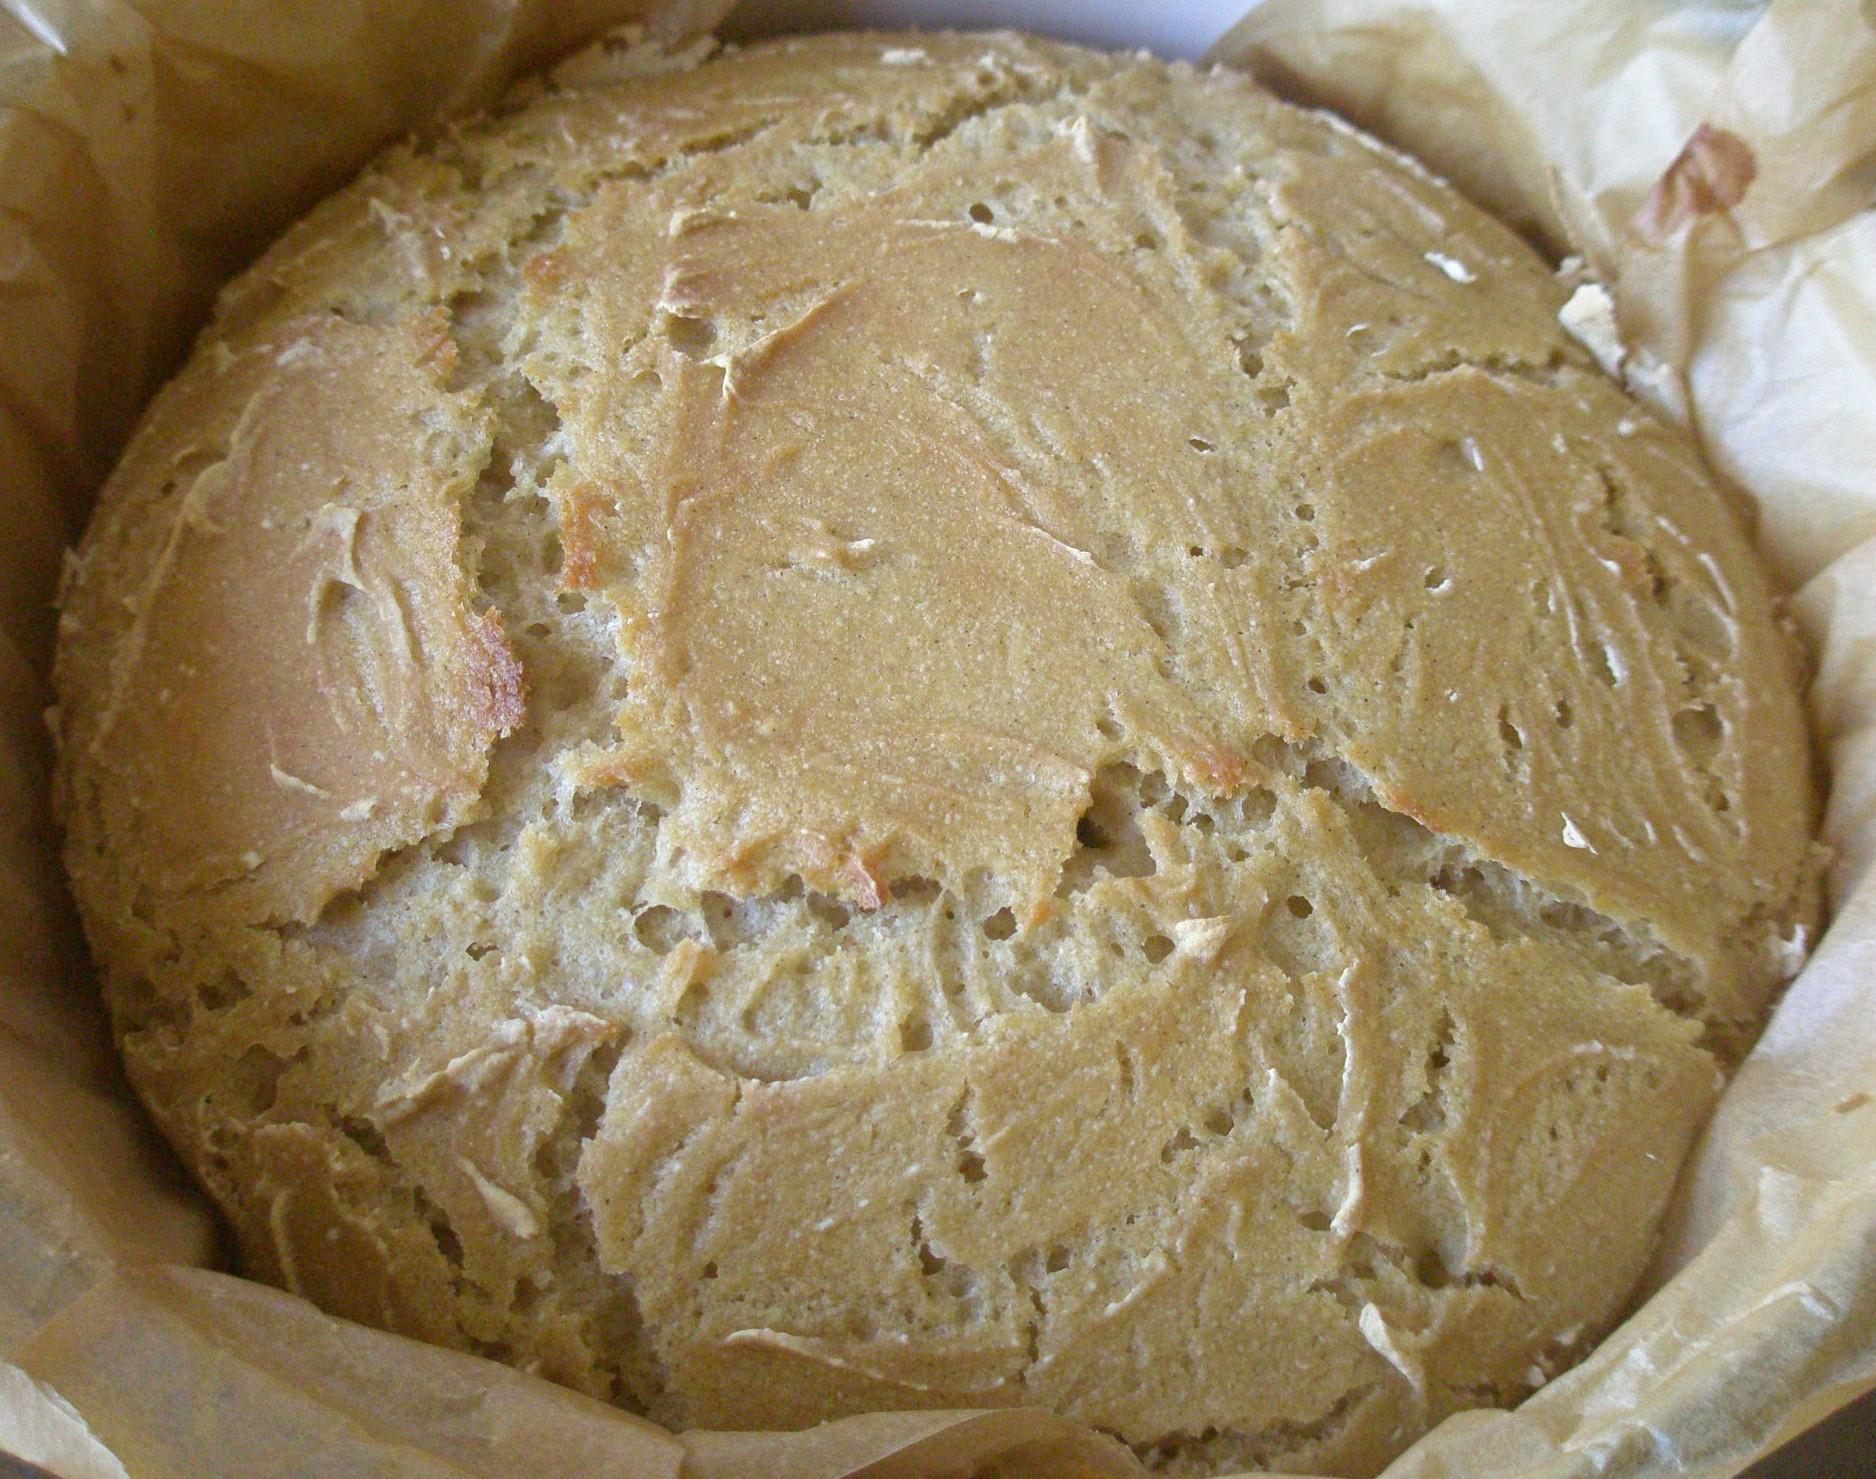 Sourdough Bread Recipe With Starter  Sourdough Bread Boule Gluten Free Art of Gluten Free